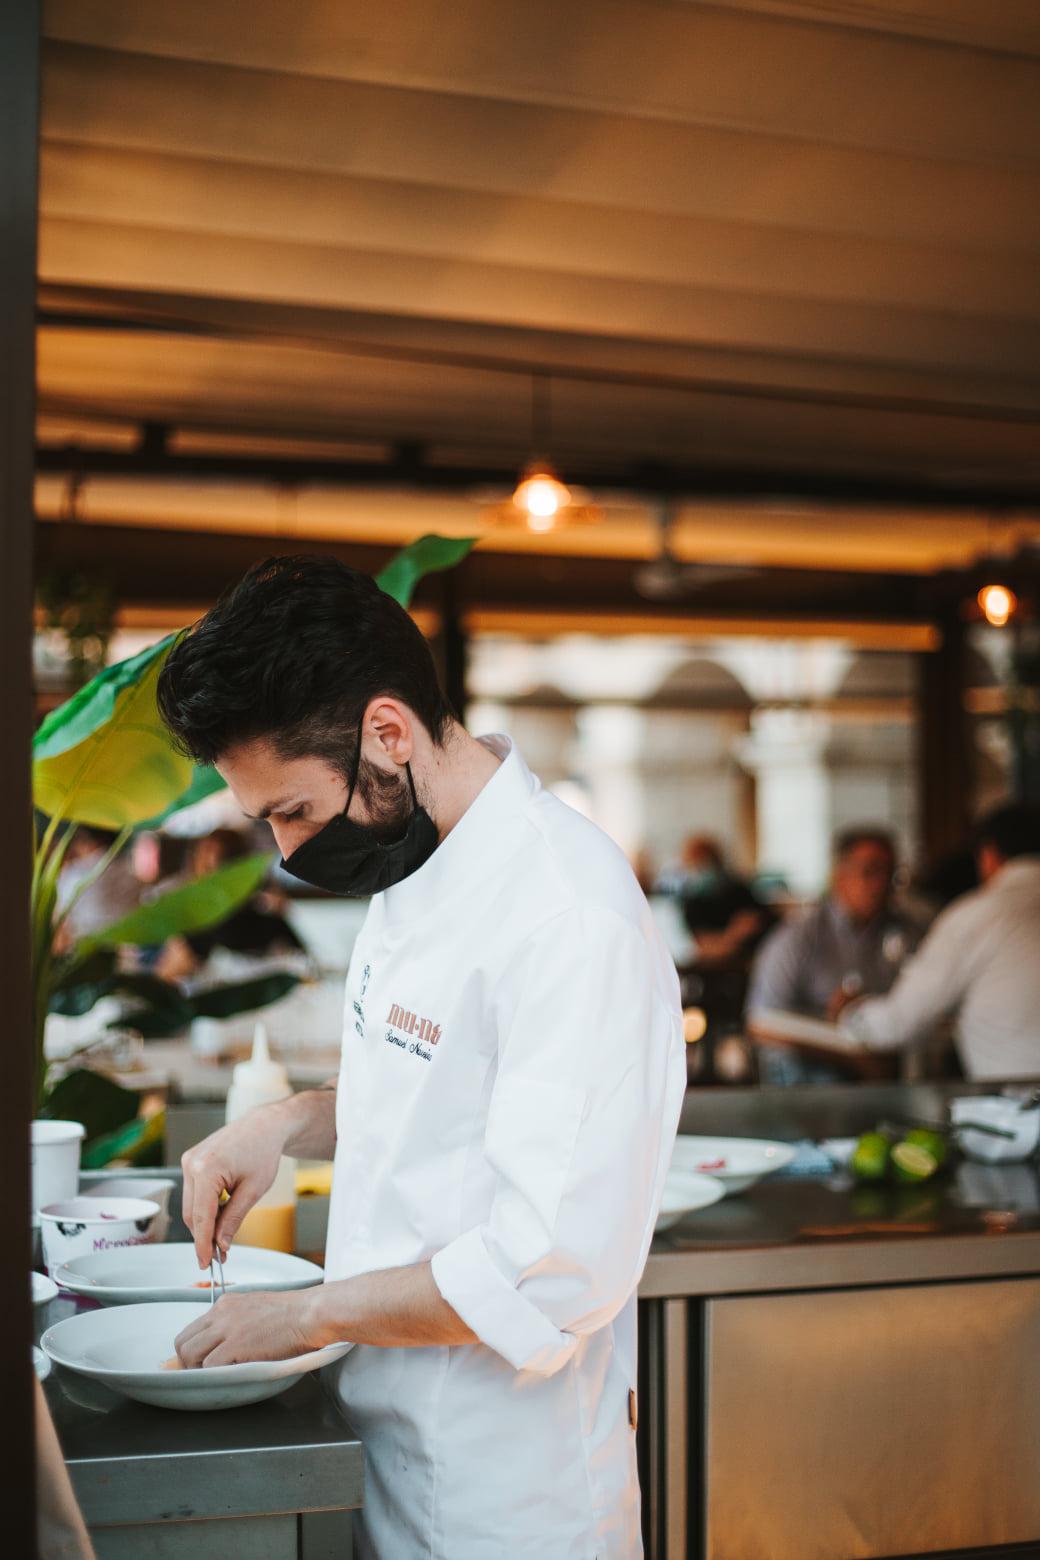 La noche de cocina Nikkei en el restaurante La Violeta, un evento culinario de primer nivel 17